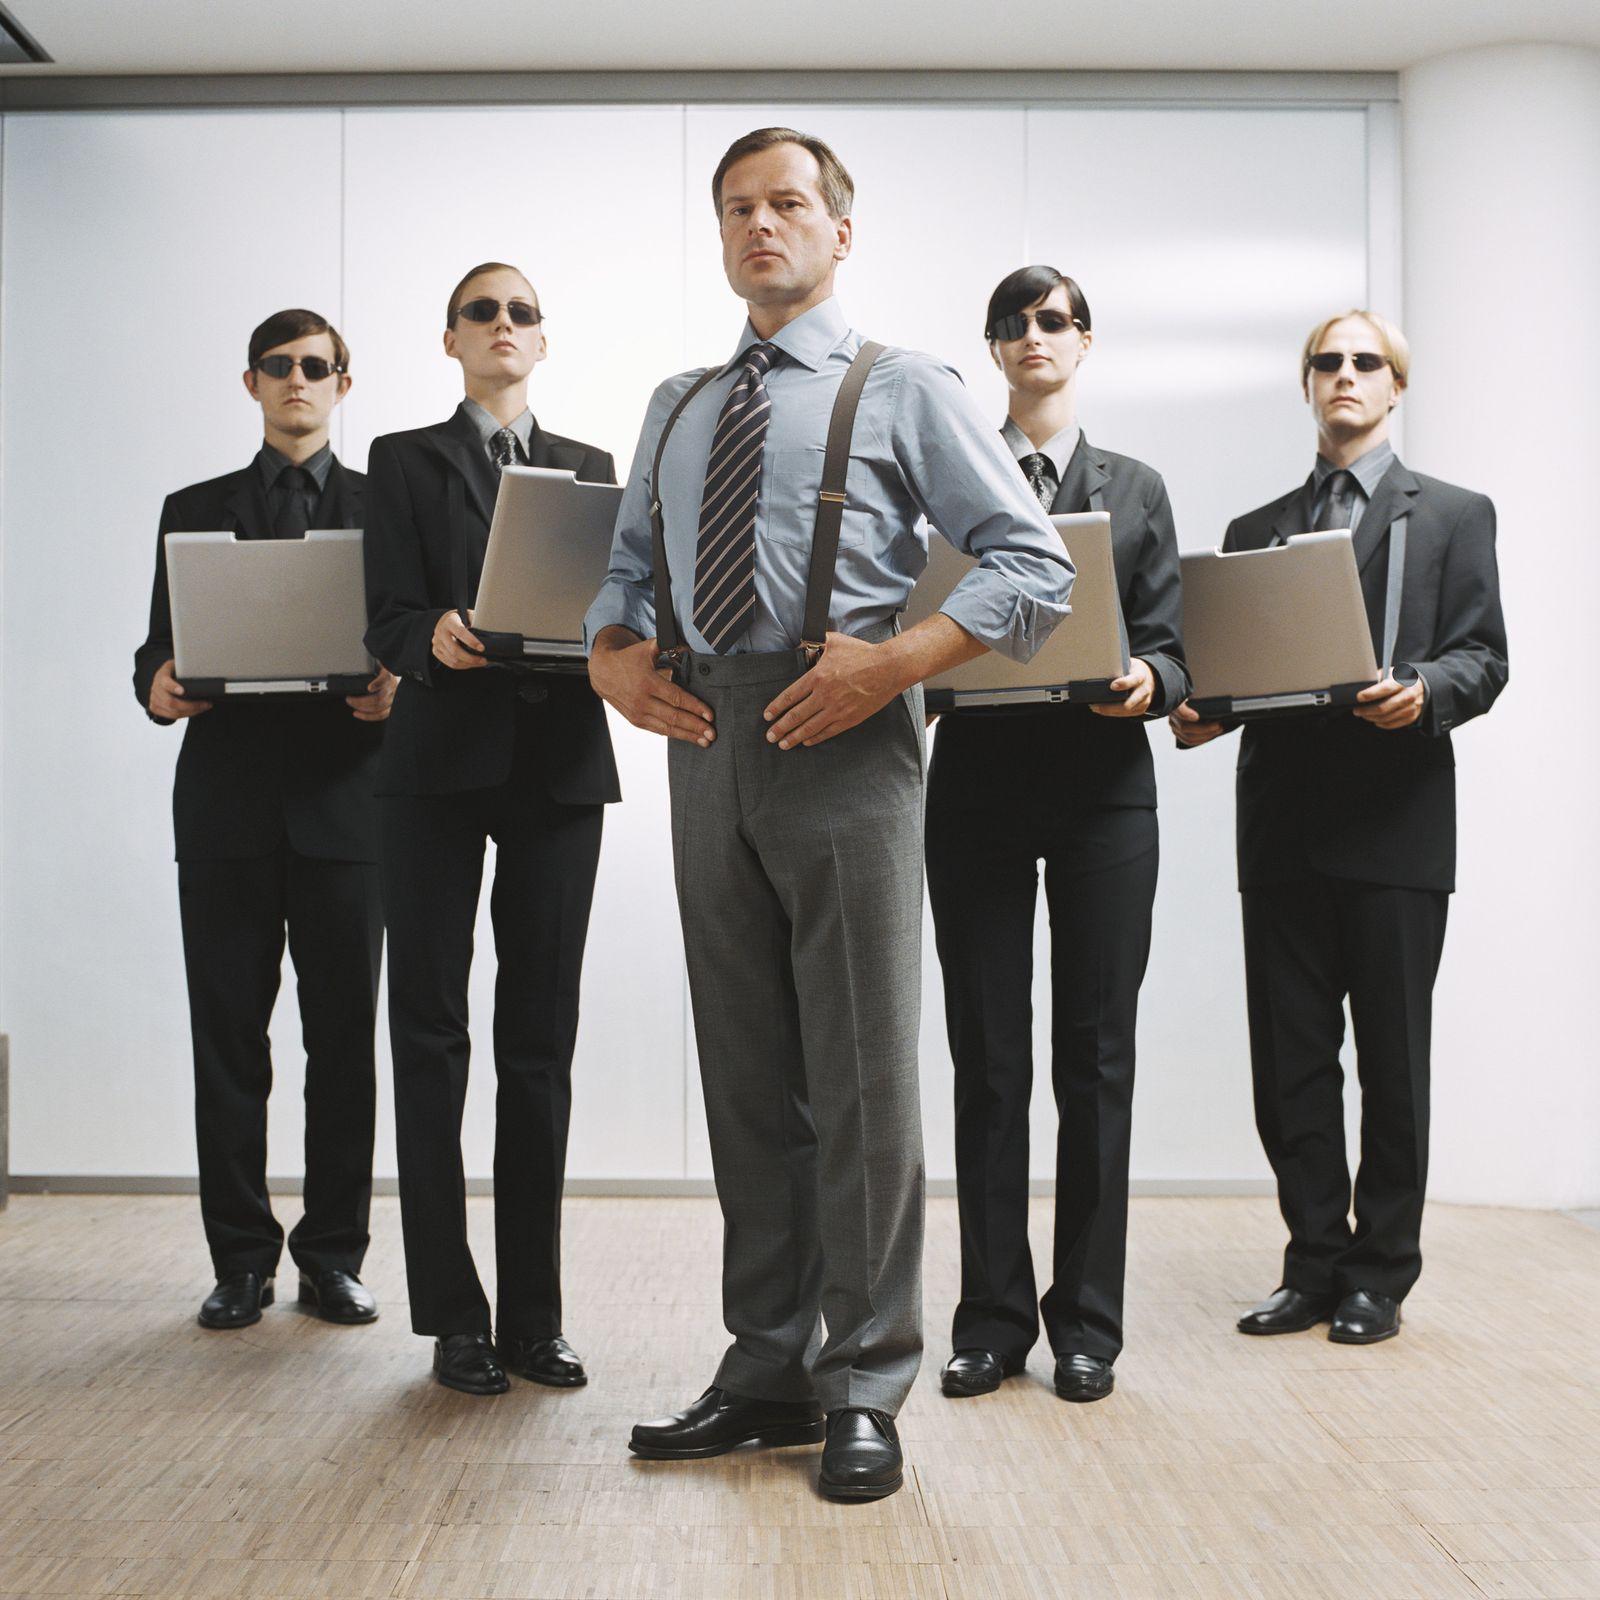 NICHT MEHR VERWENDEN! - Manager / Boss / Führungskraft / Chef